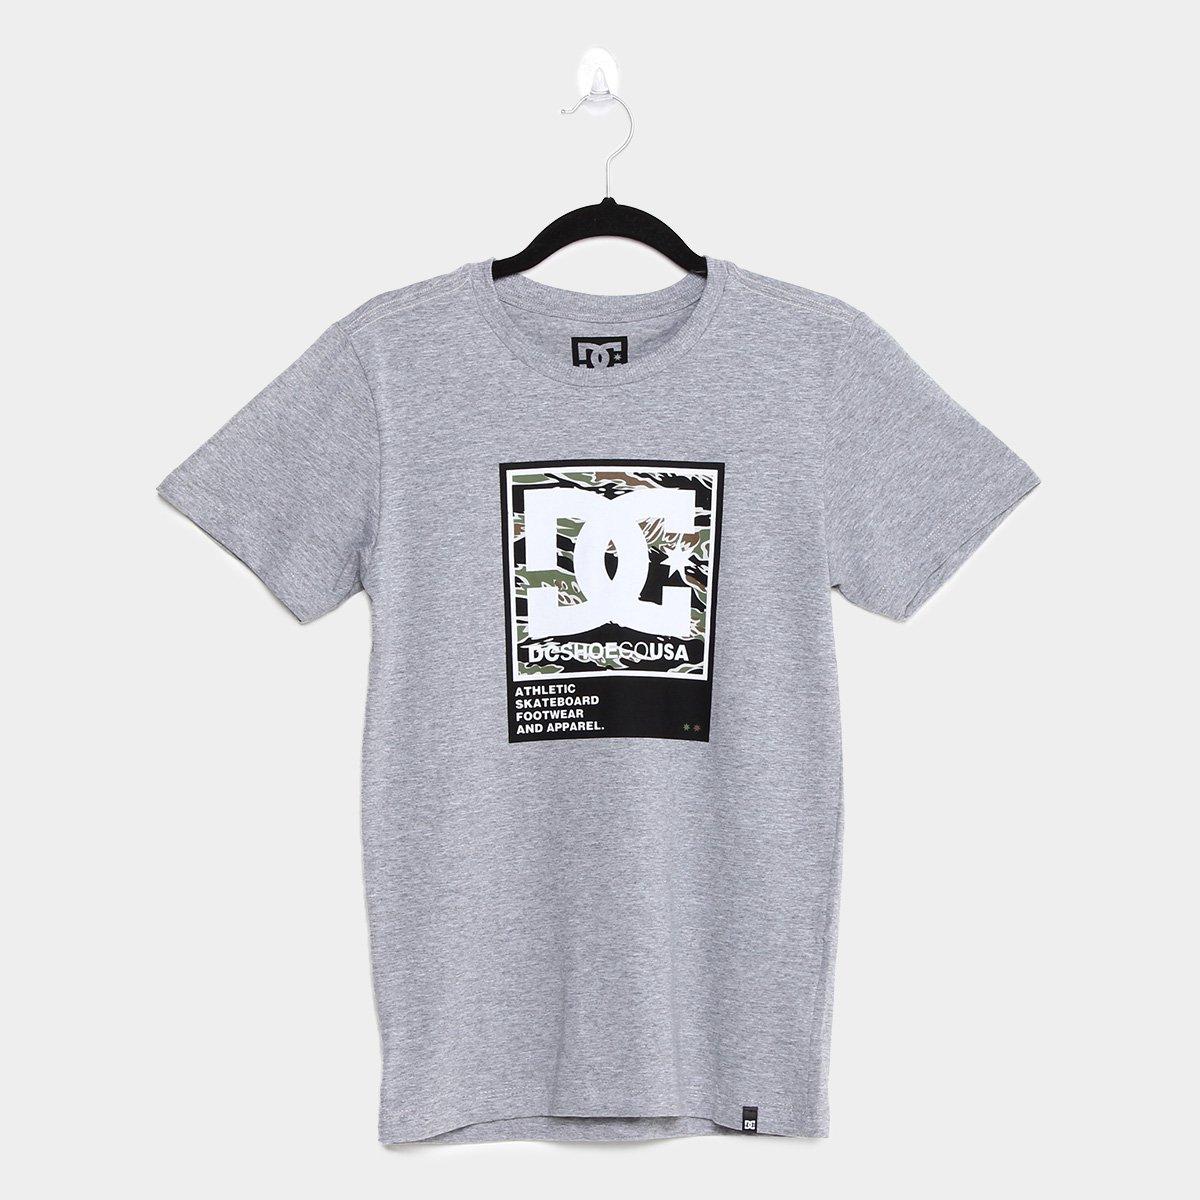 Camiseta Juvenil DC Shoes Arakana Teen Masculina